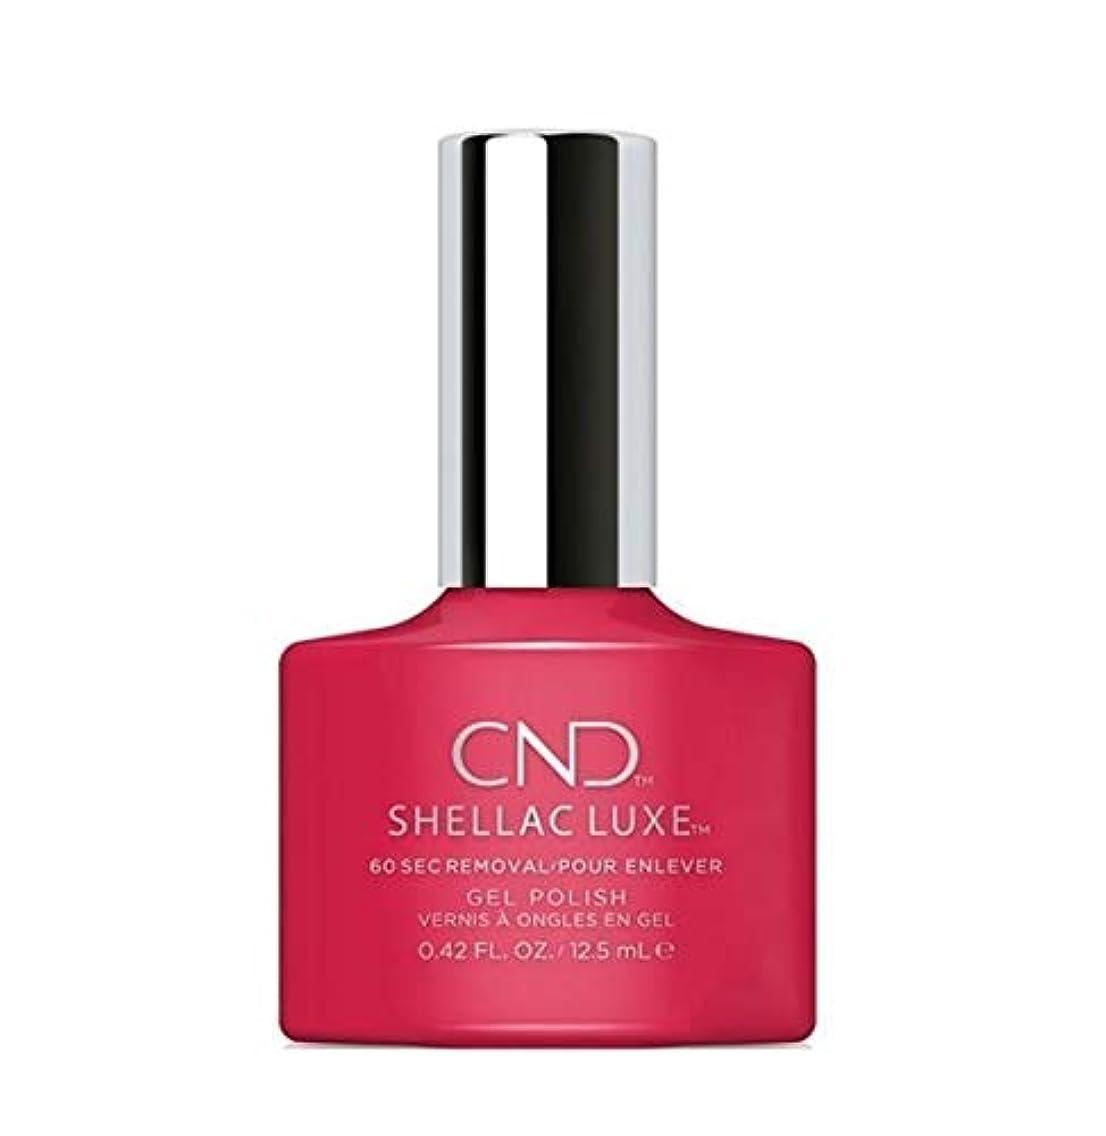 液体疑問を超えて閉じるCND Shellac Luxe - Femme Fatale - 12.5 ml / 0.42 oz